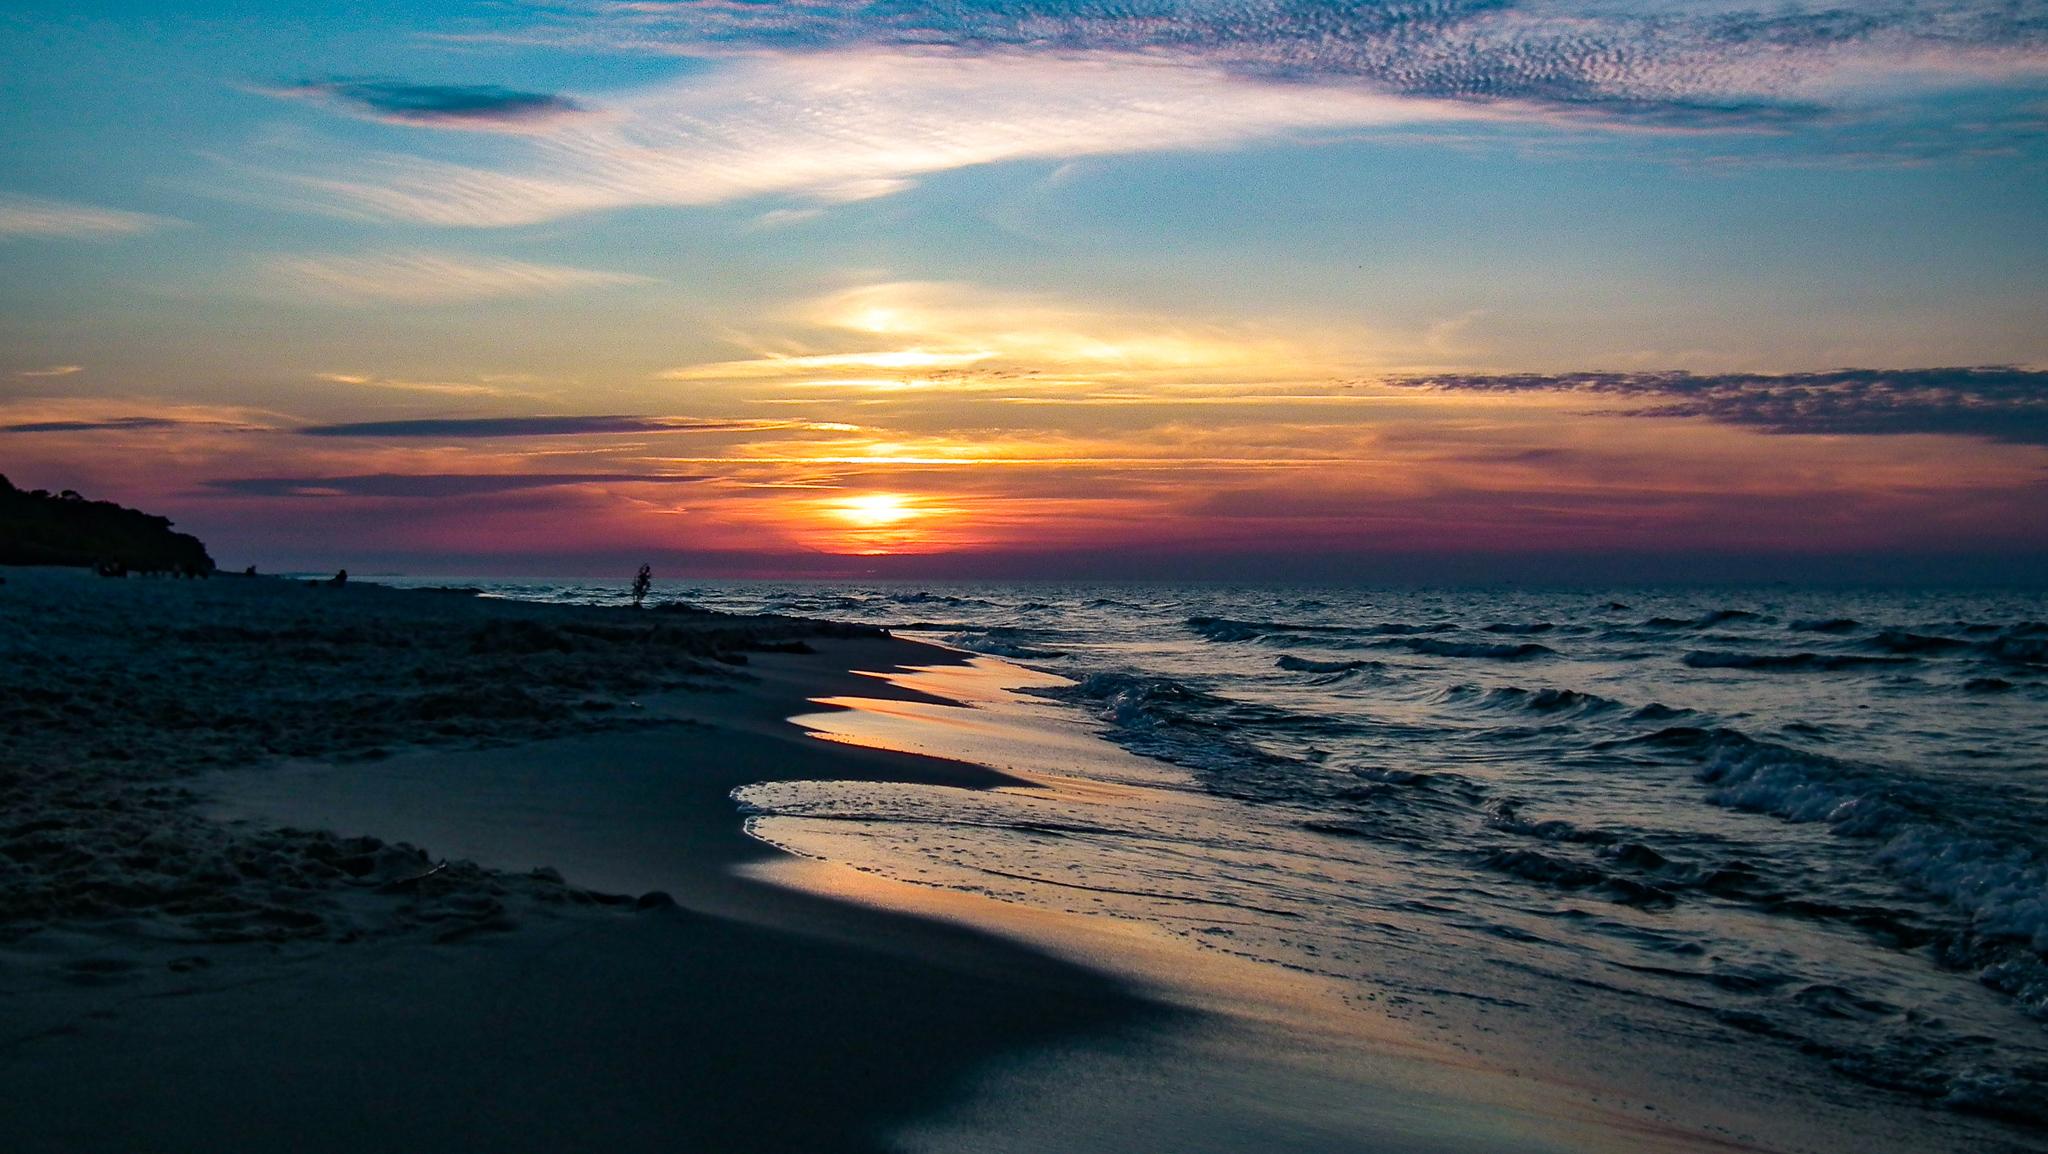 Zachody słońca na Mierzei Helskiej.